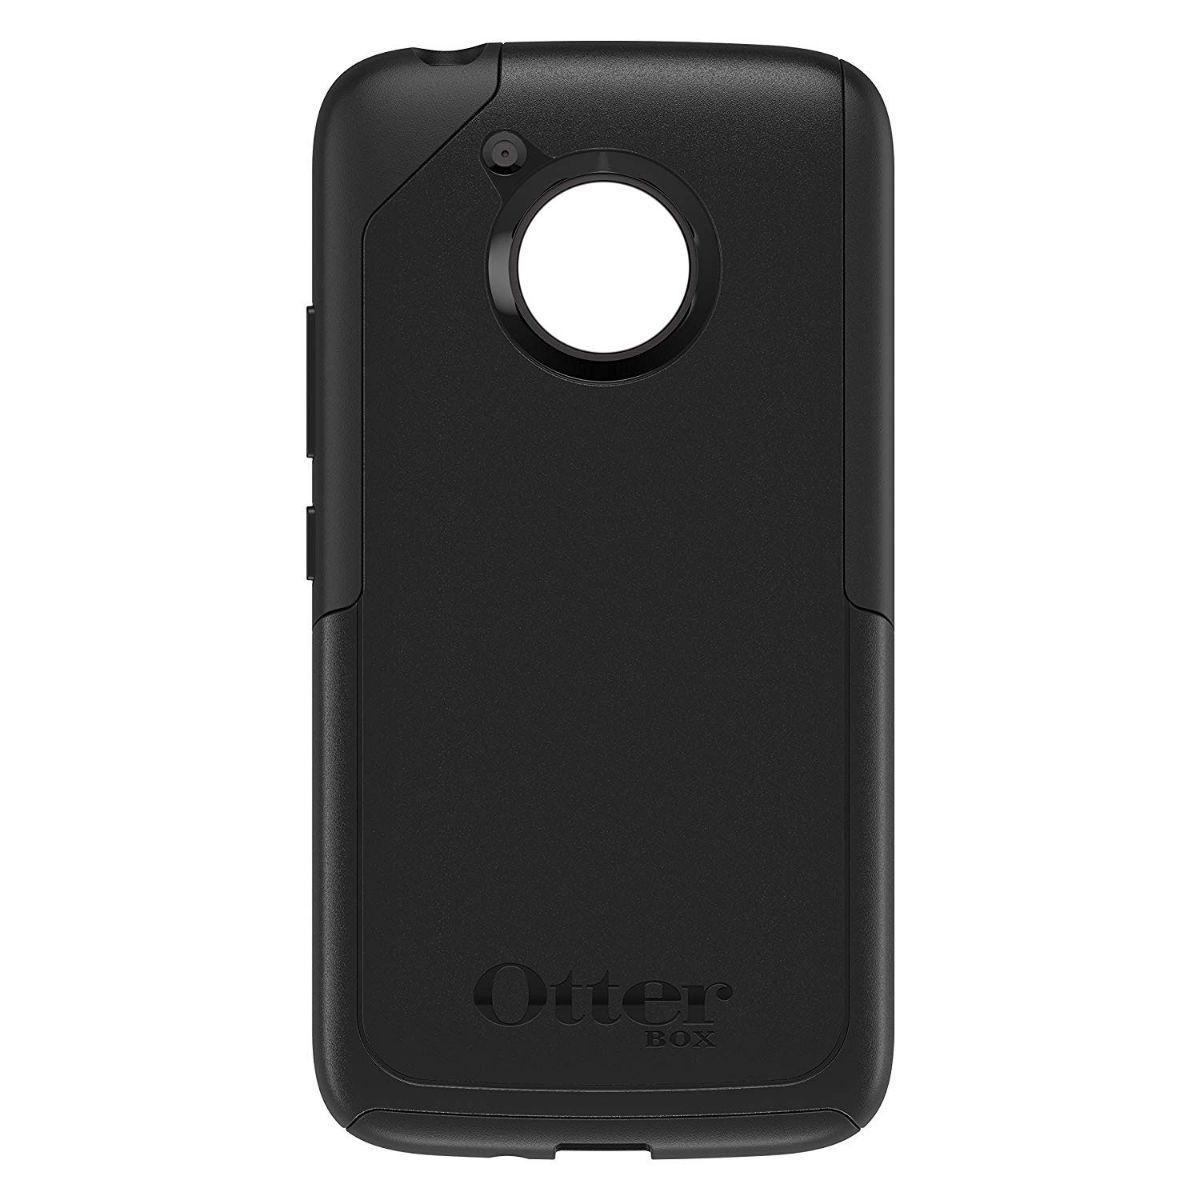 OtterBox Achiever Series Case for Motorola Moto E4 Smartphone - Black